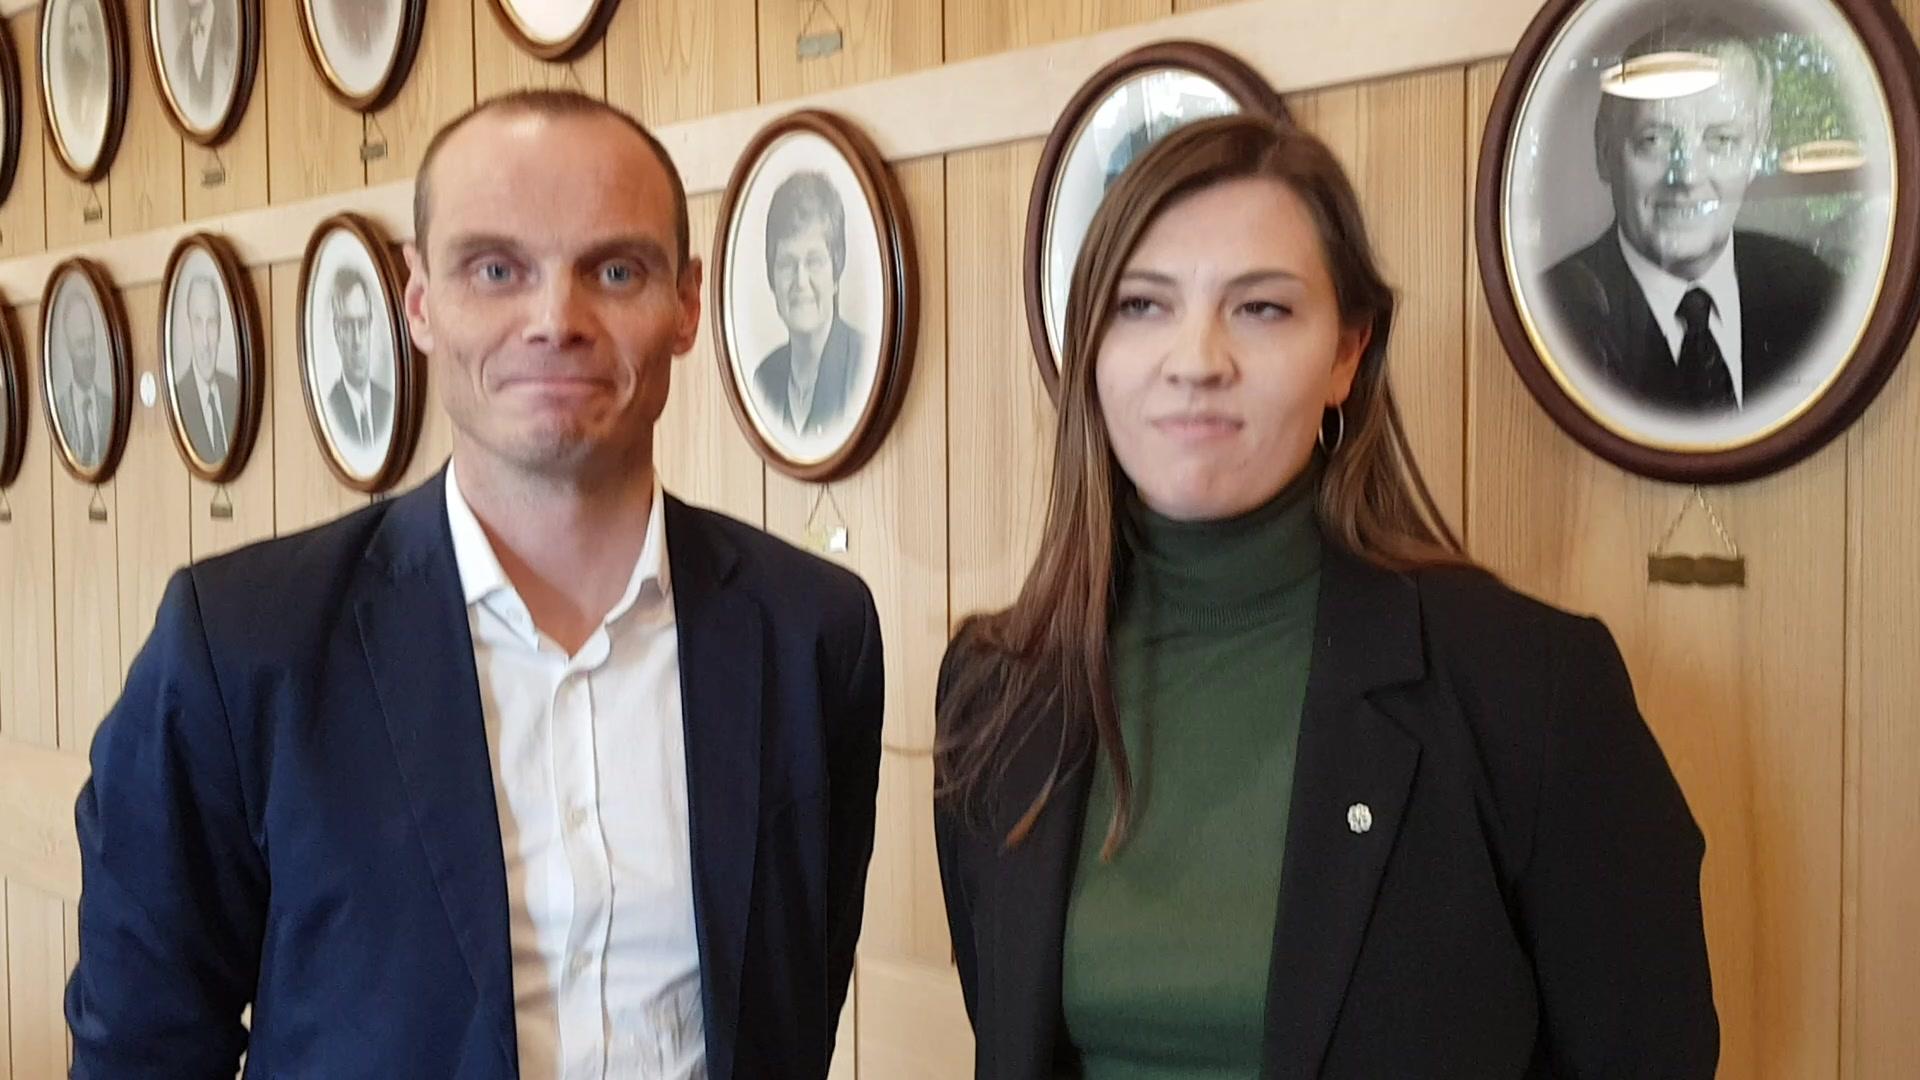 Ordfører Toralf Heimdal (Sp) og varaordfører Rikke Håkstad (Sp)